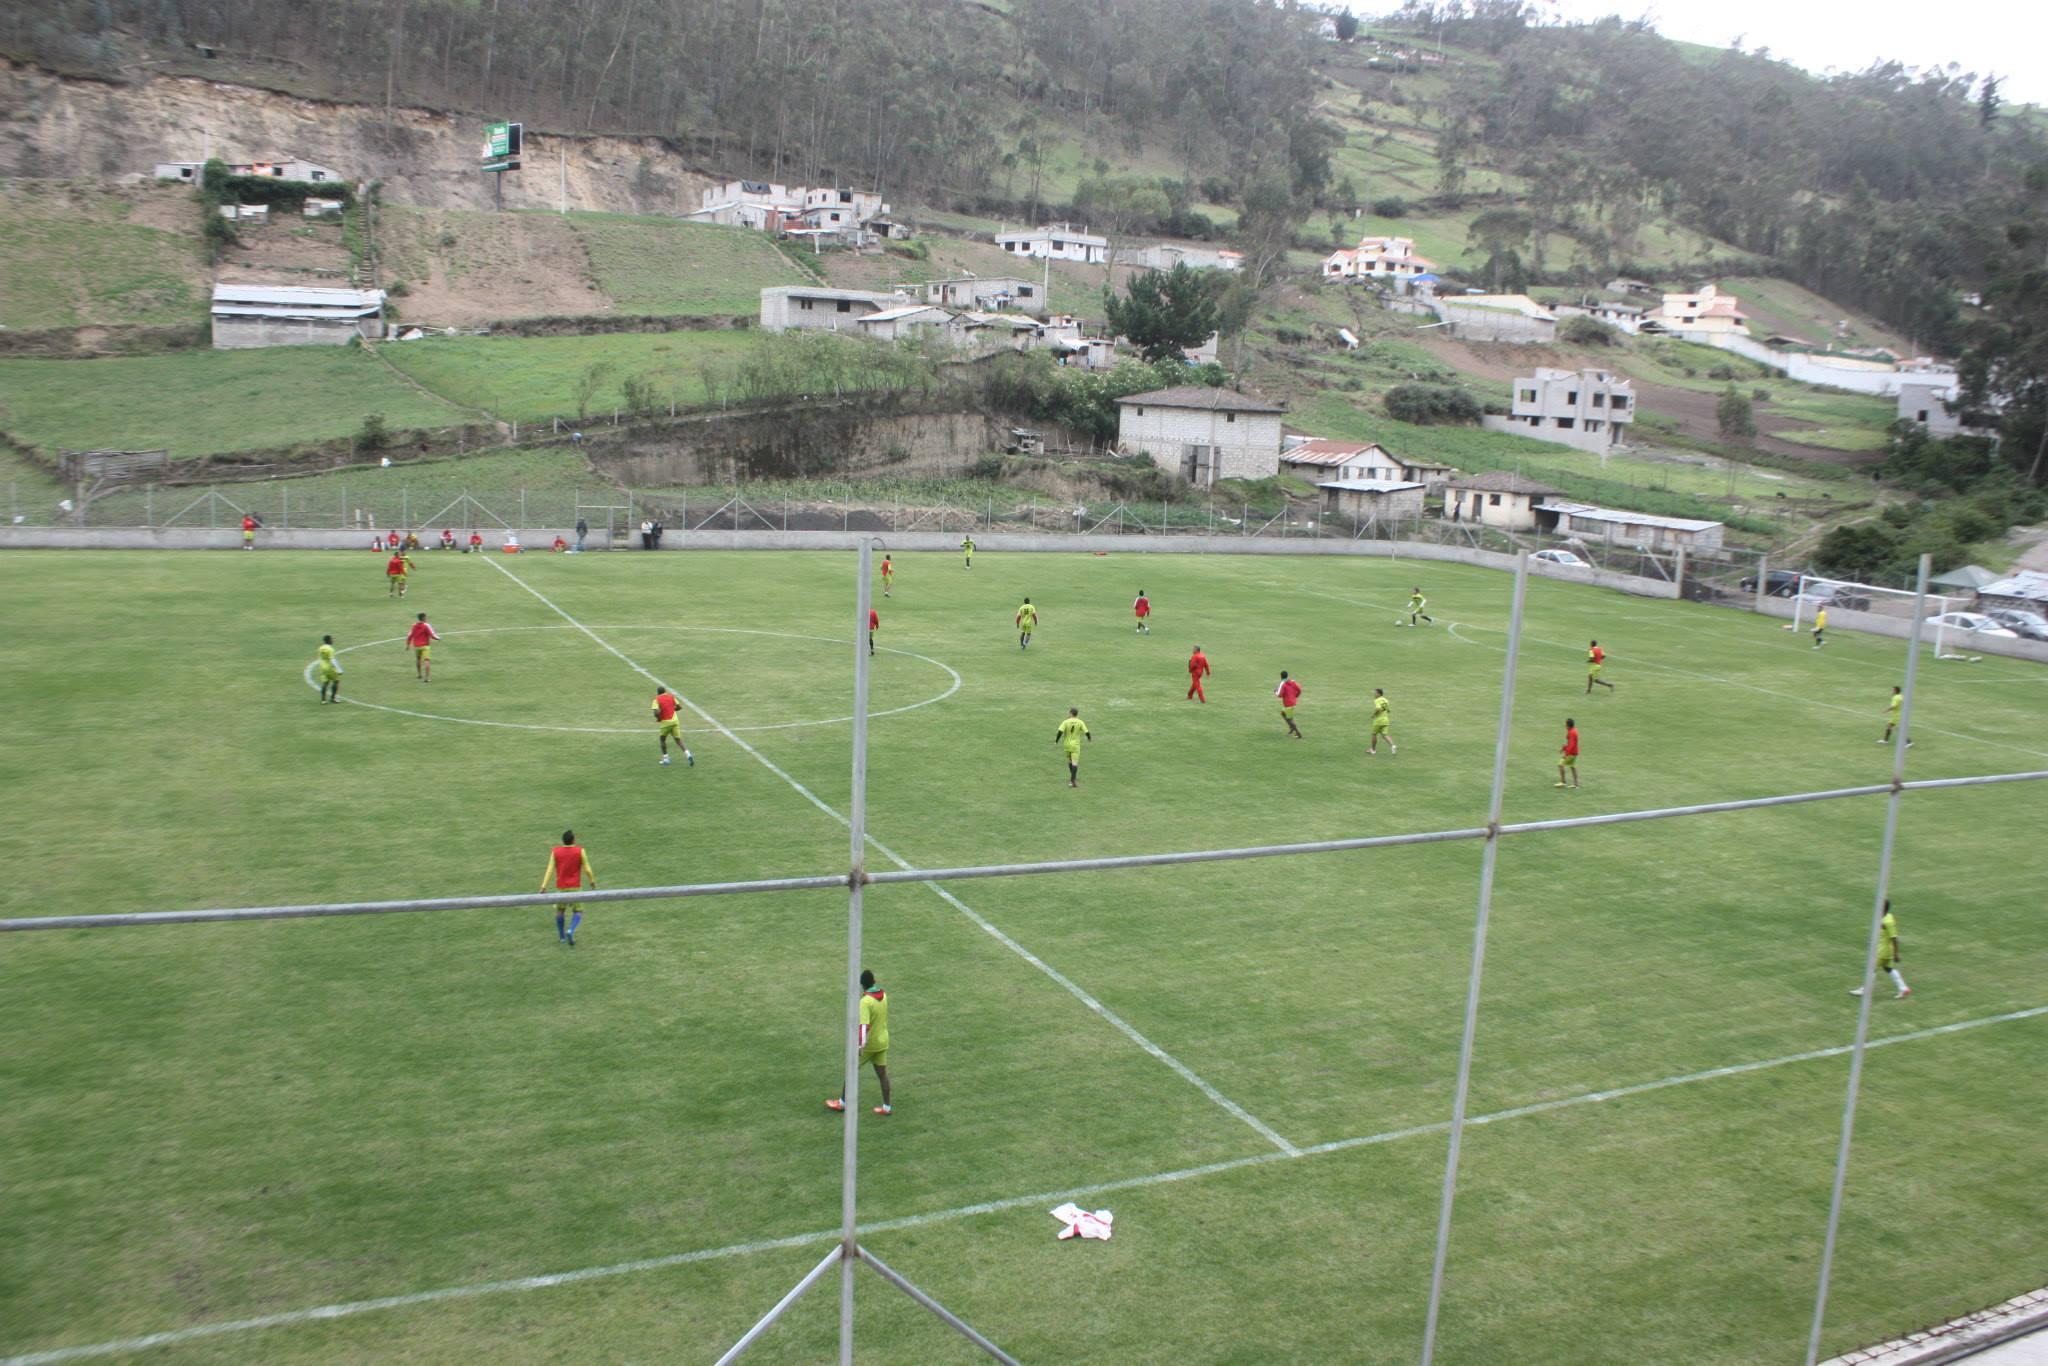 180.-Mushuc-Runa-equipo-indigena-futbol-3.jpg